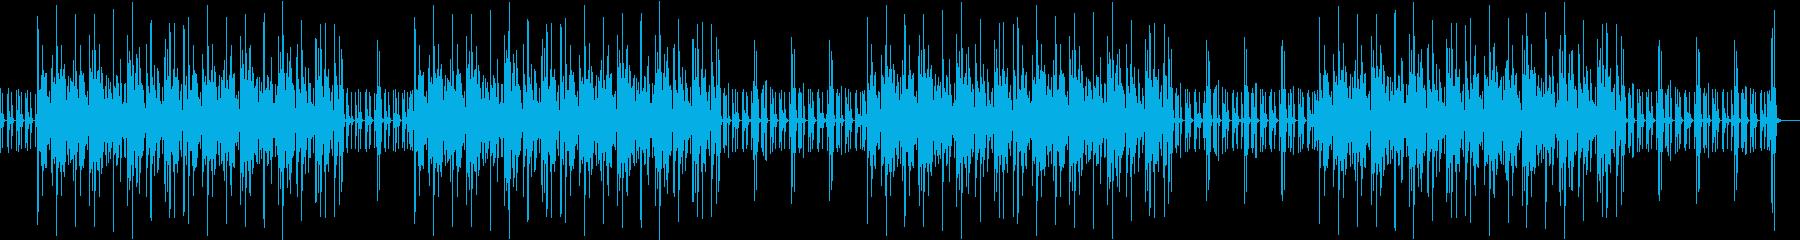 マリンバ ウクレレ 打楽器 ほのぼの日常の再生済みの波形